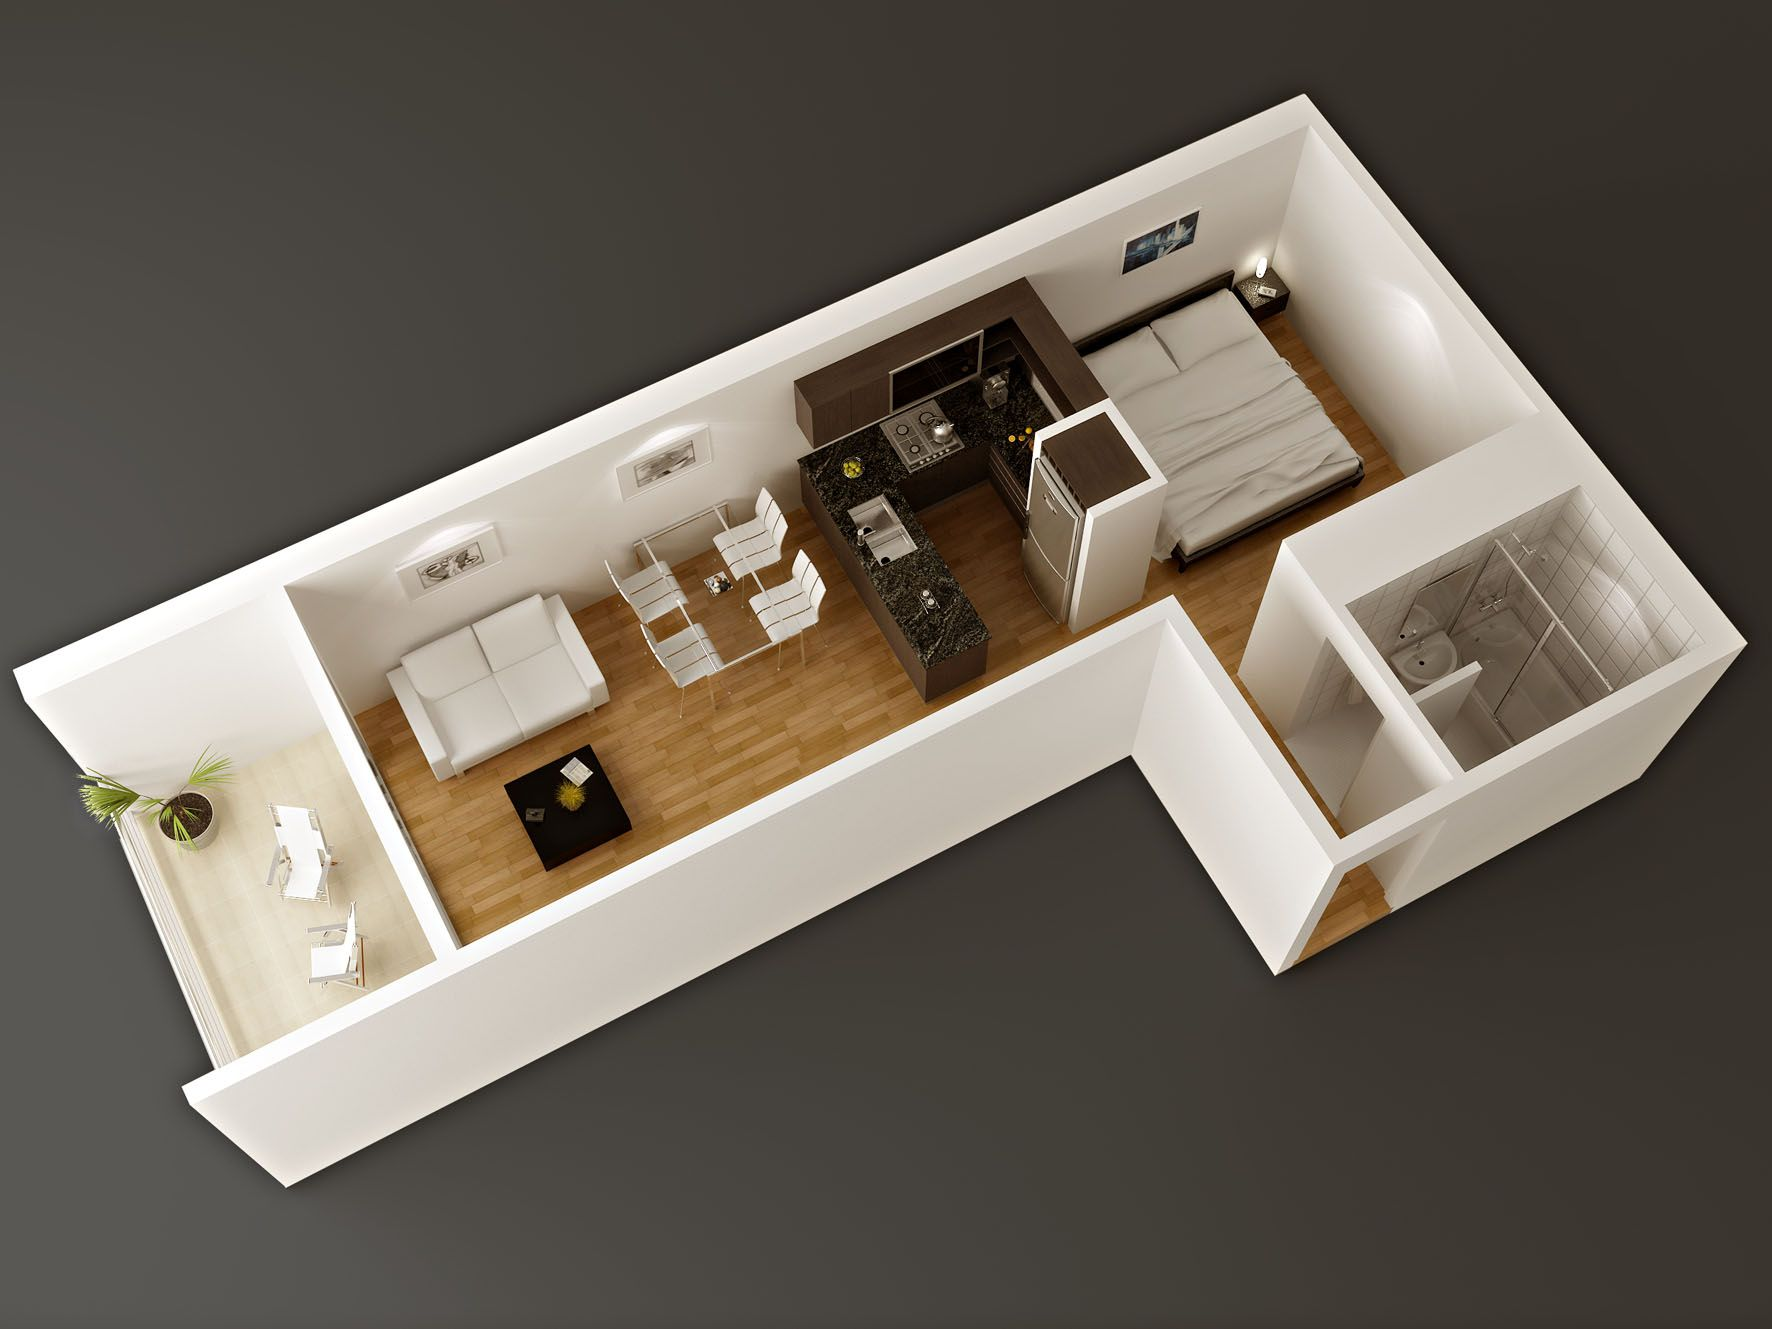 Dise o para espacios reducidos hogar en 2019 casas for Diseno de interiores minimalista espacios pequenos